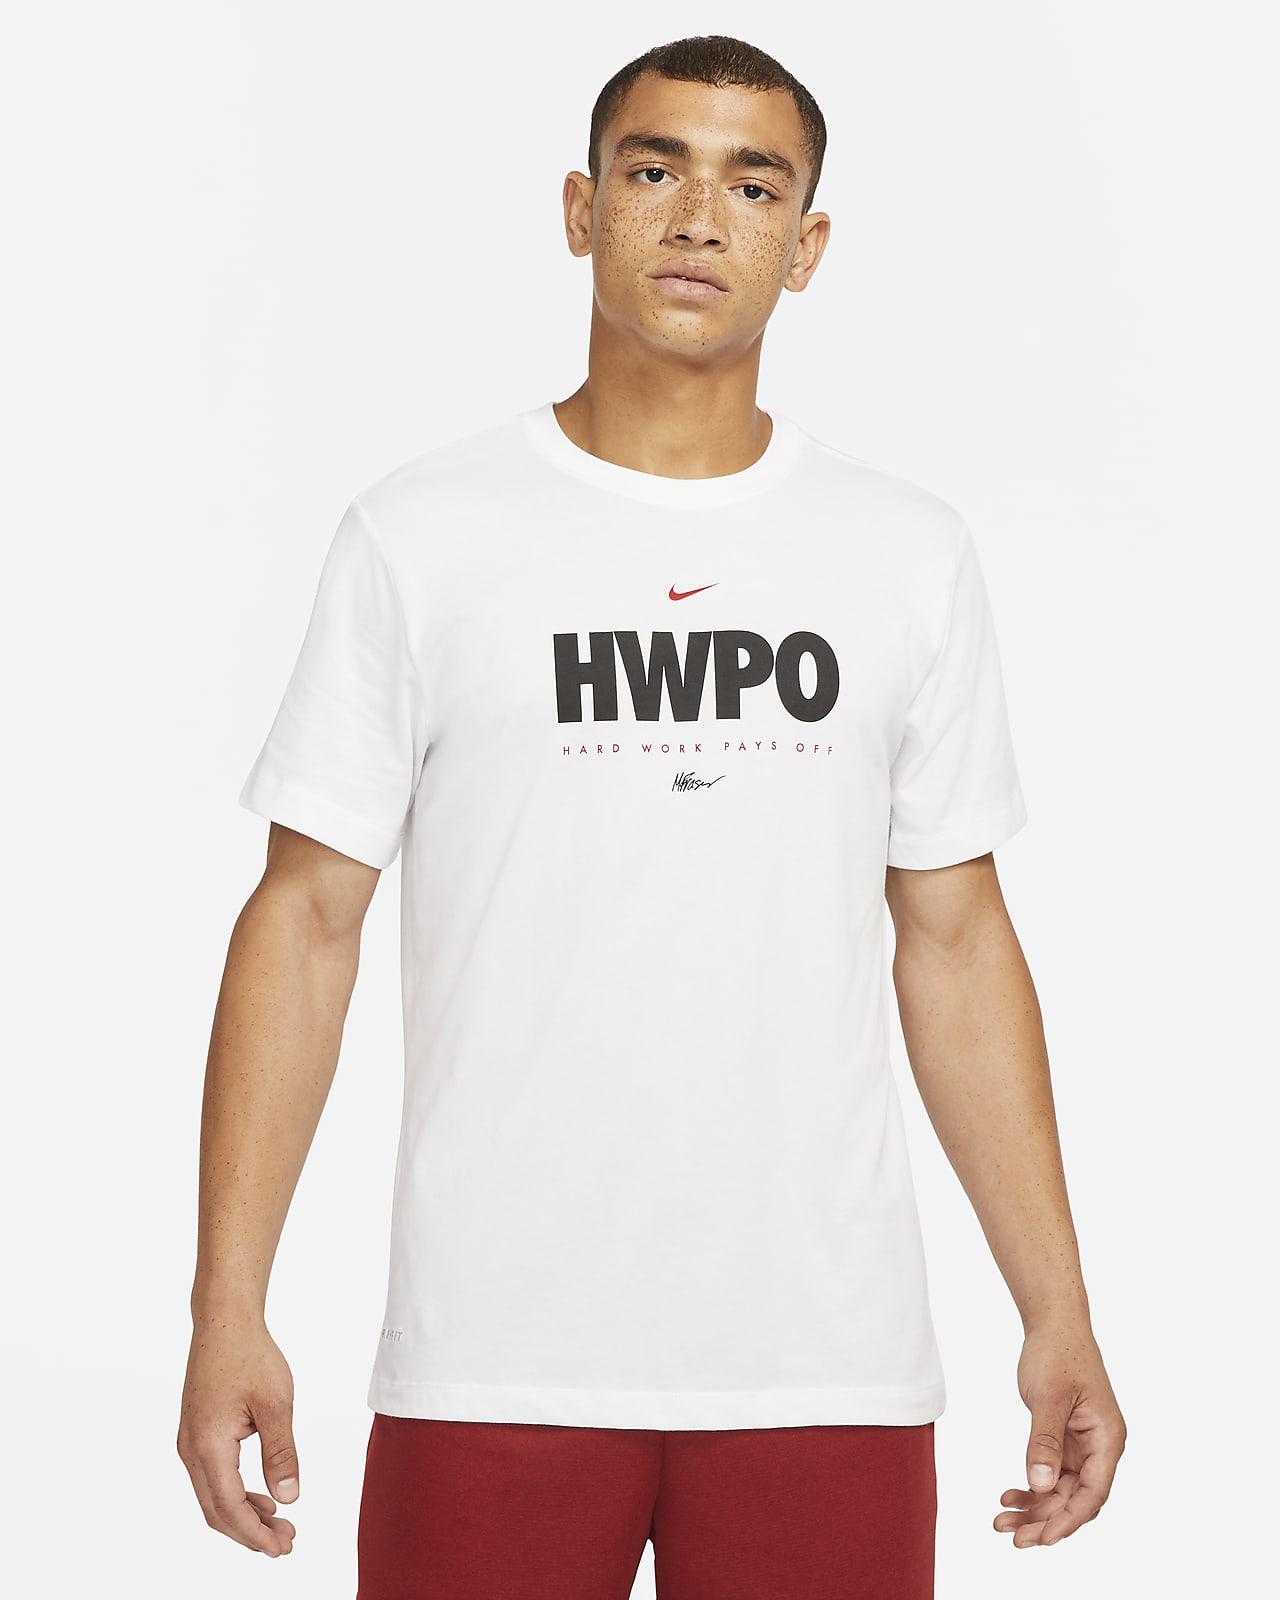 """Ανδρικό T-Shirt προπόνησης Nike Dri-FIT """"HWPO"""""""